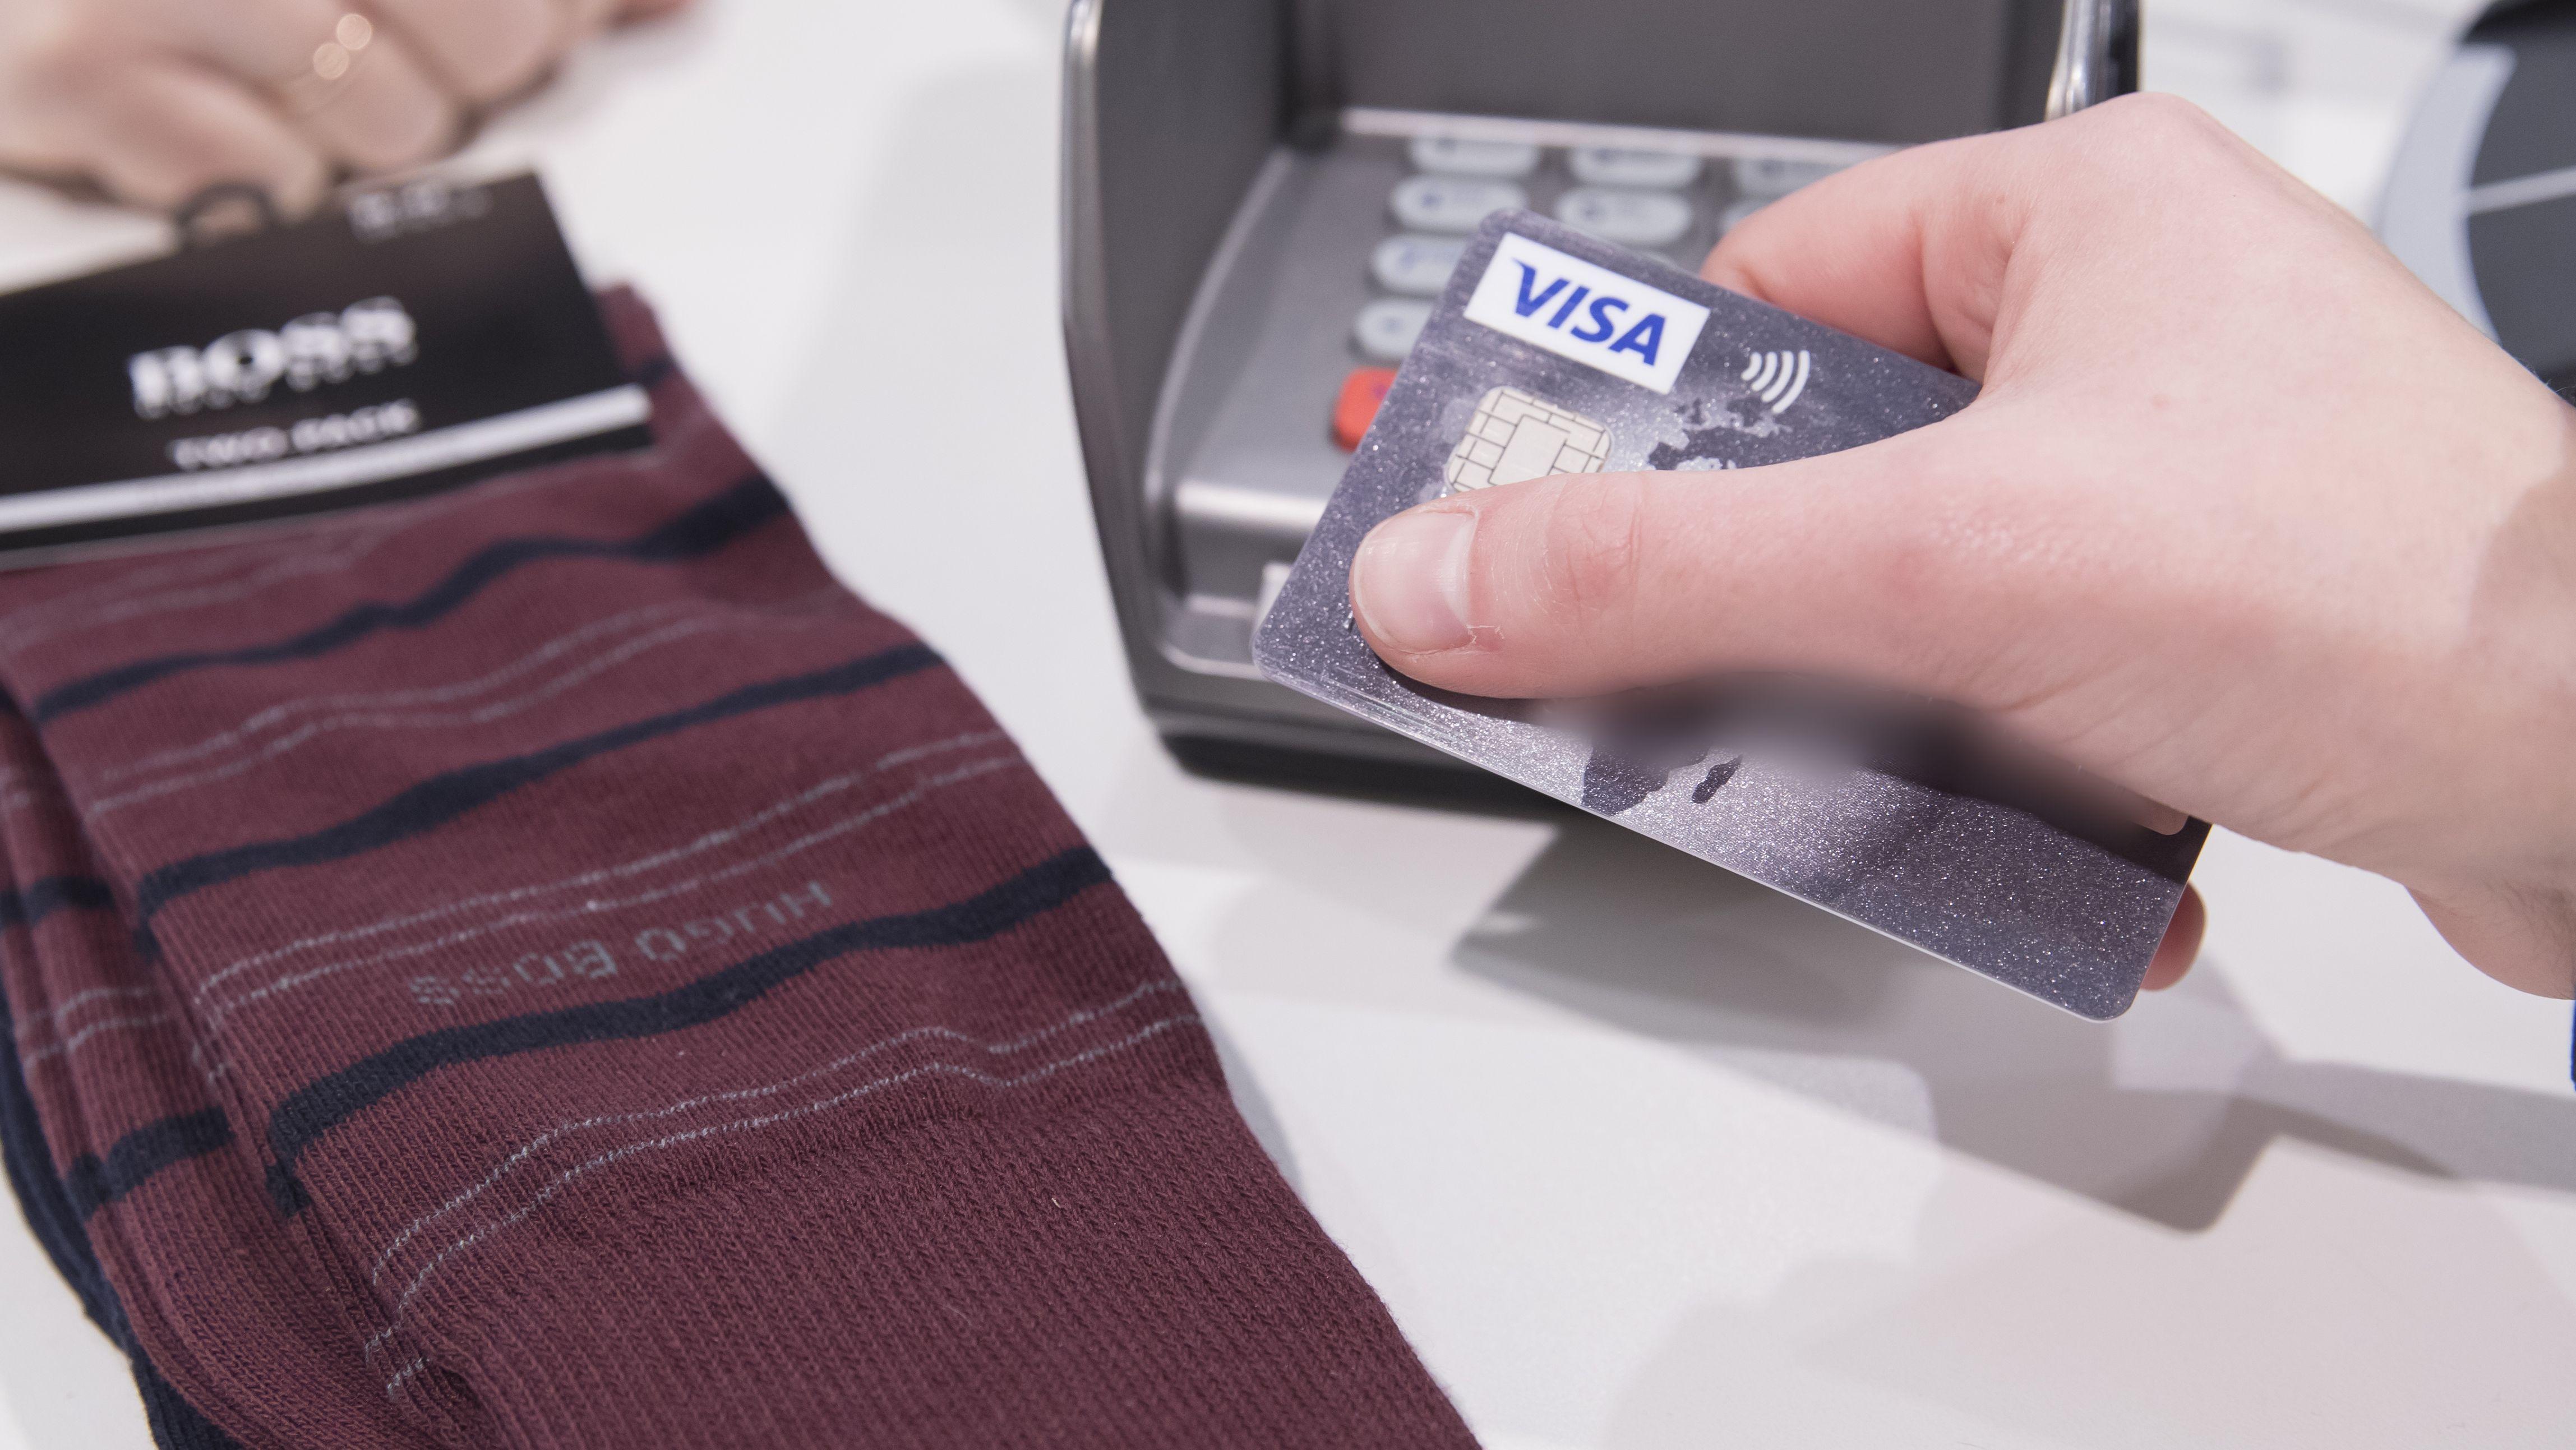 Ein Kunde bezahlt Socken mit einer Kreditkarte.